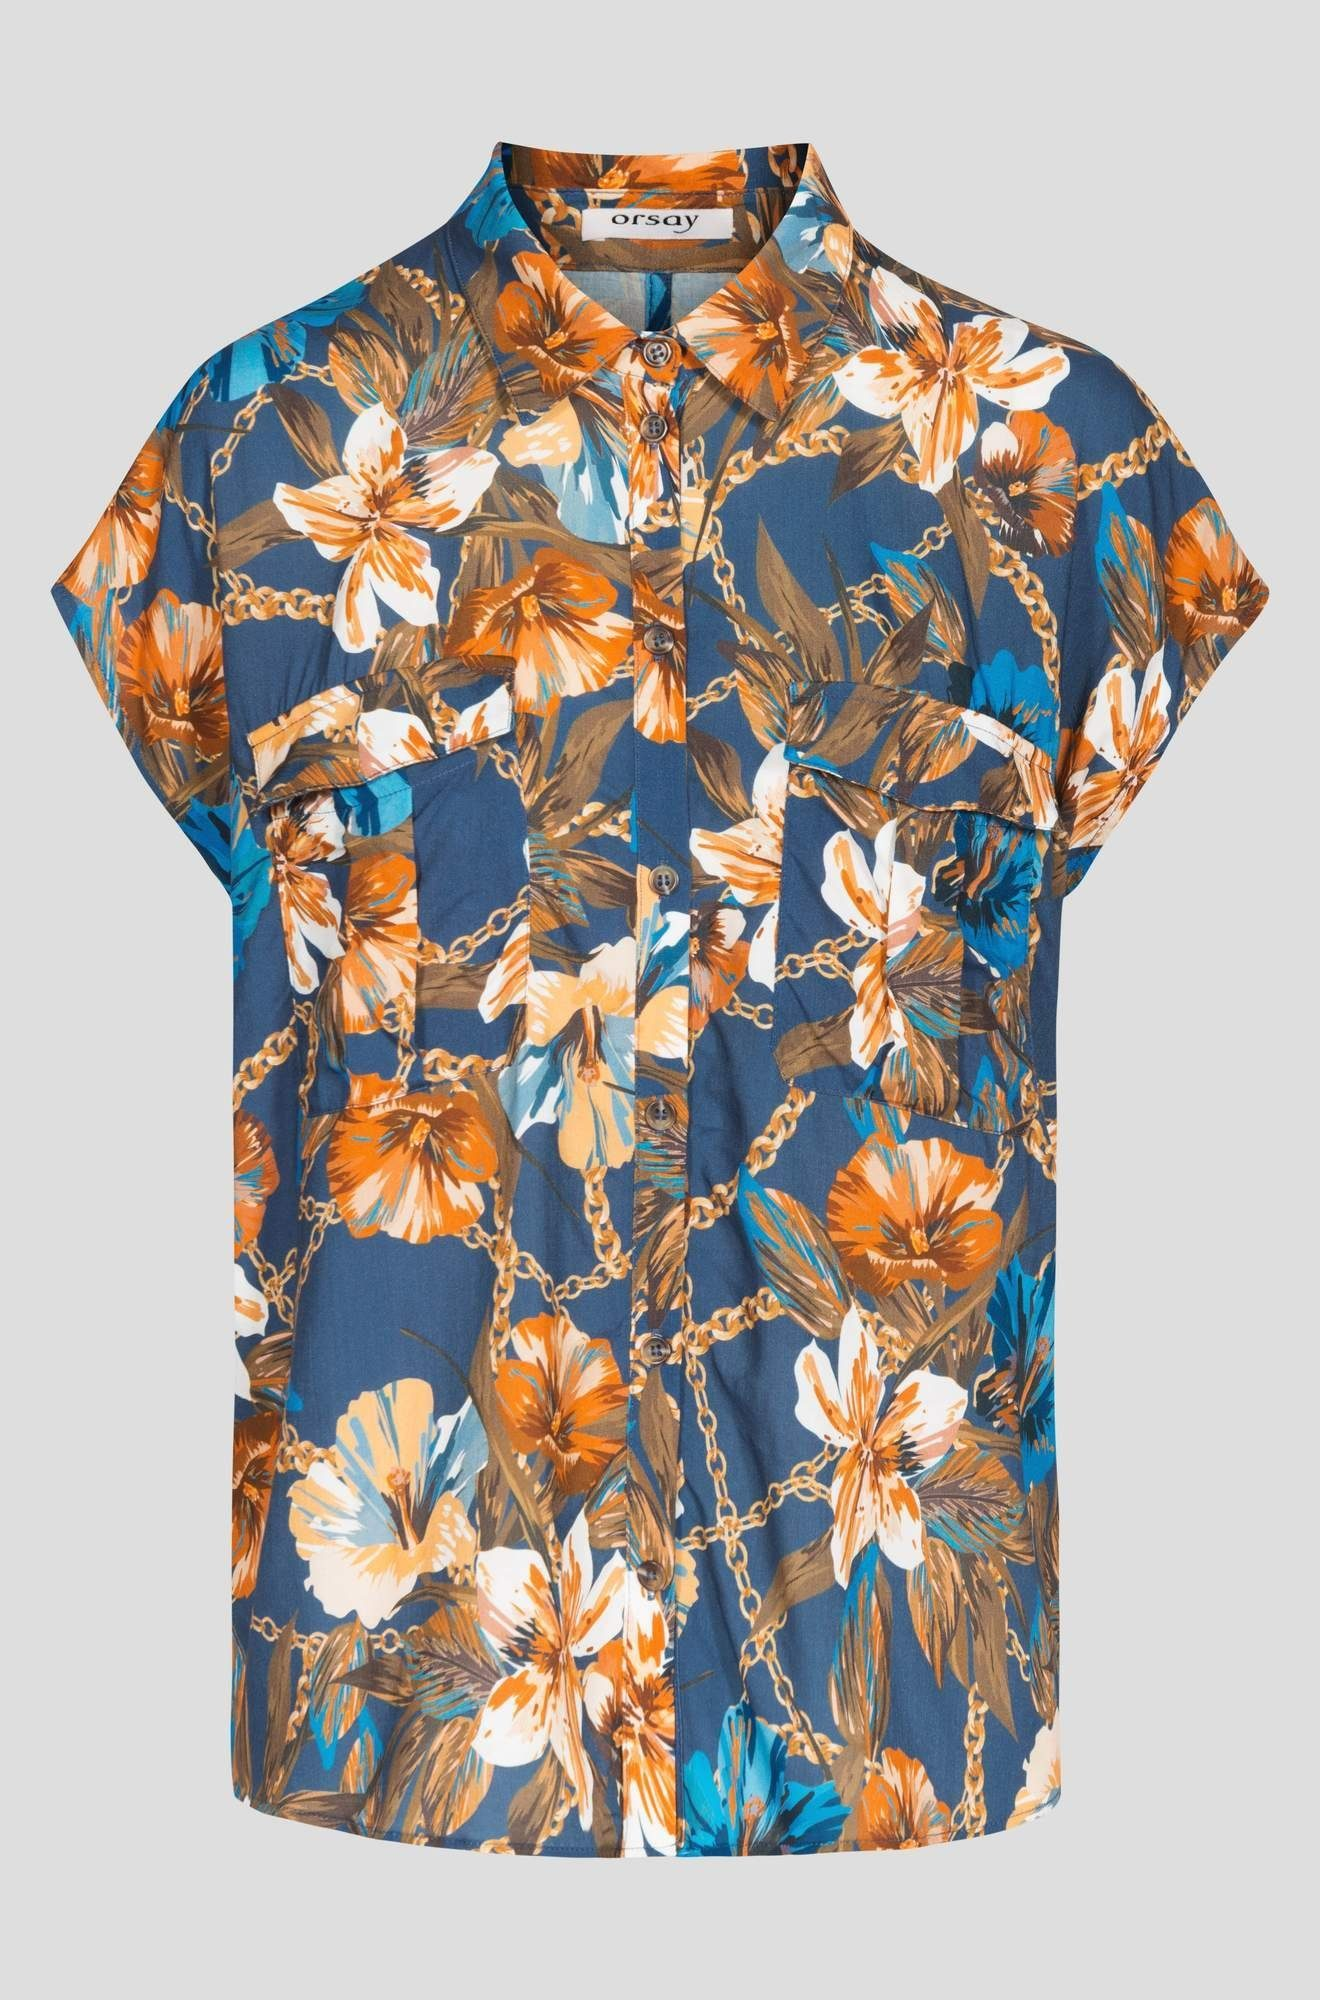 Orsay Lockerer Online Hemdbluse Kaufen In Passform 80wPknO